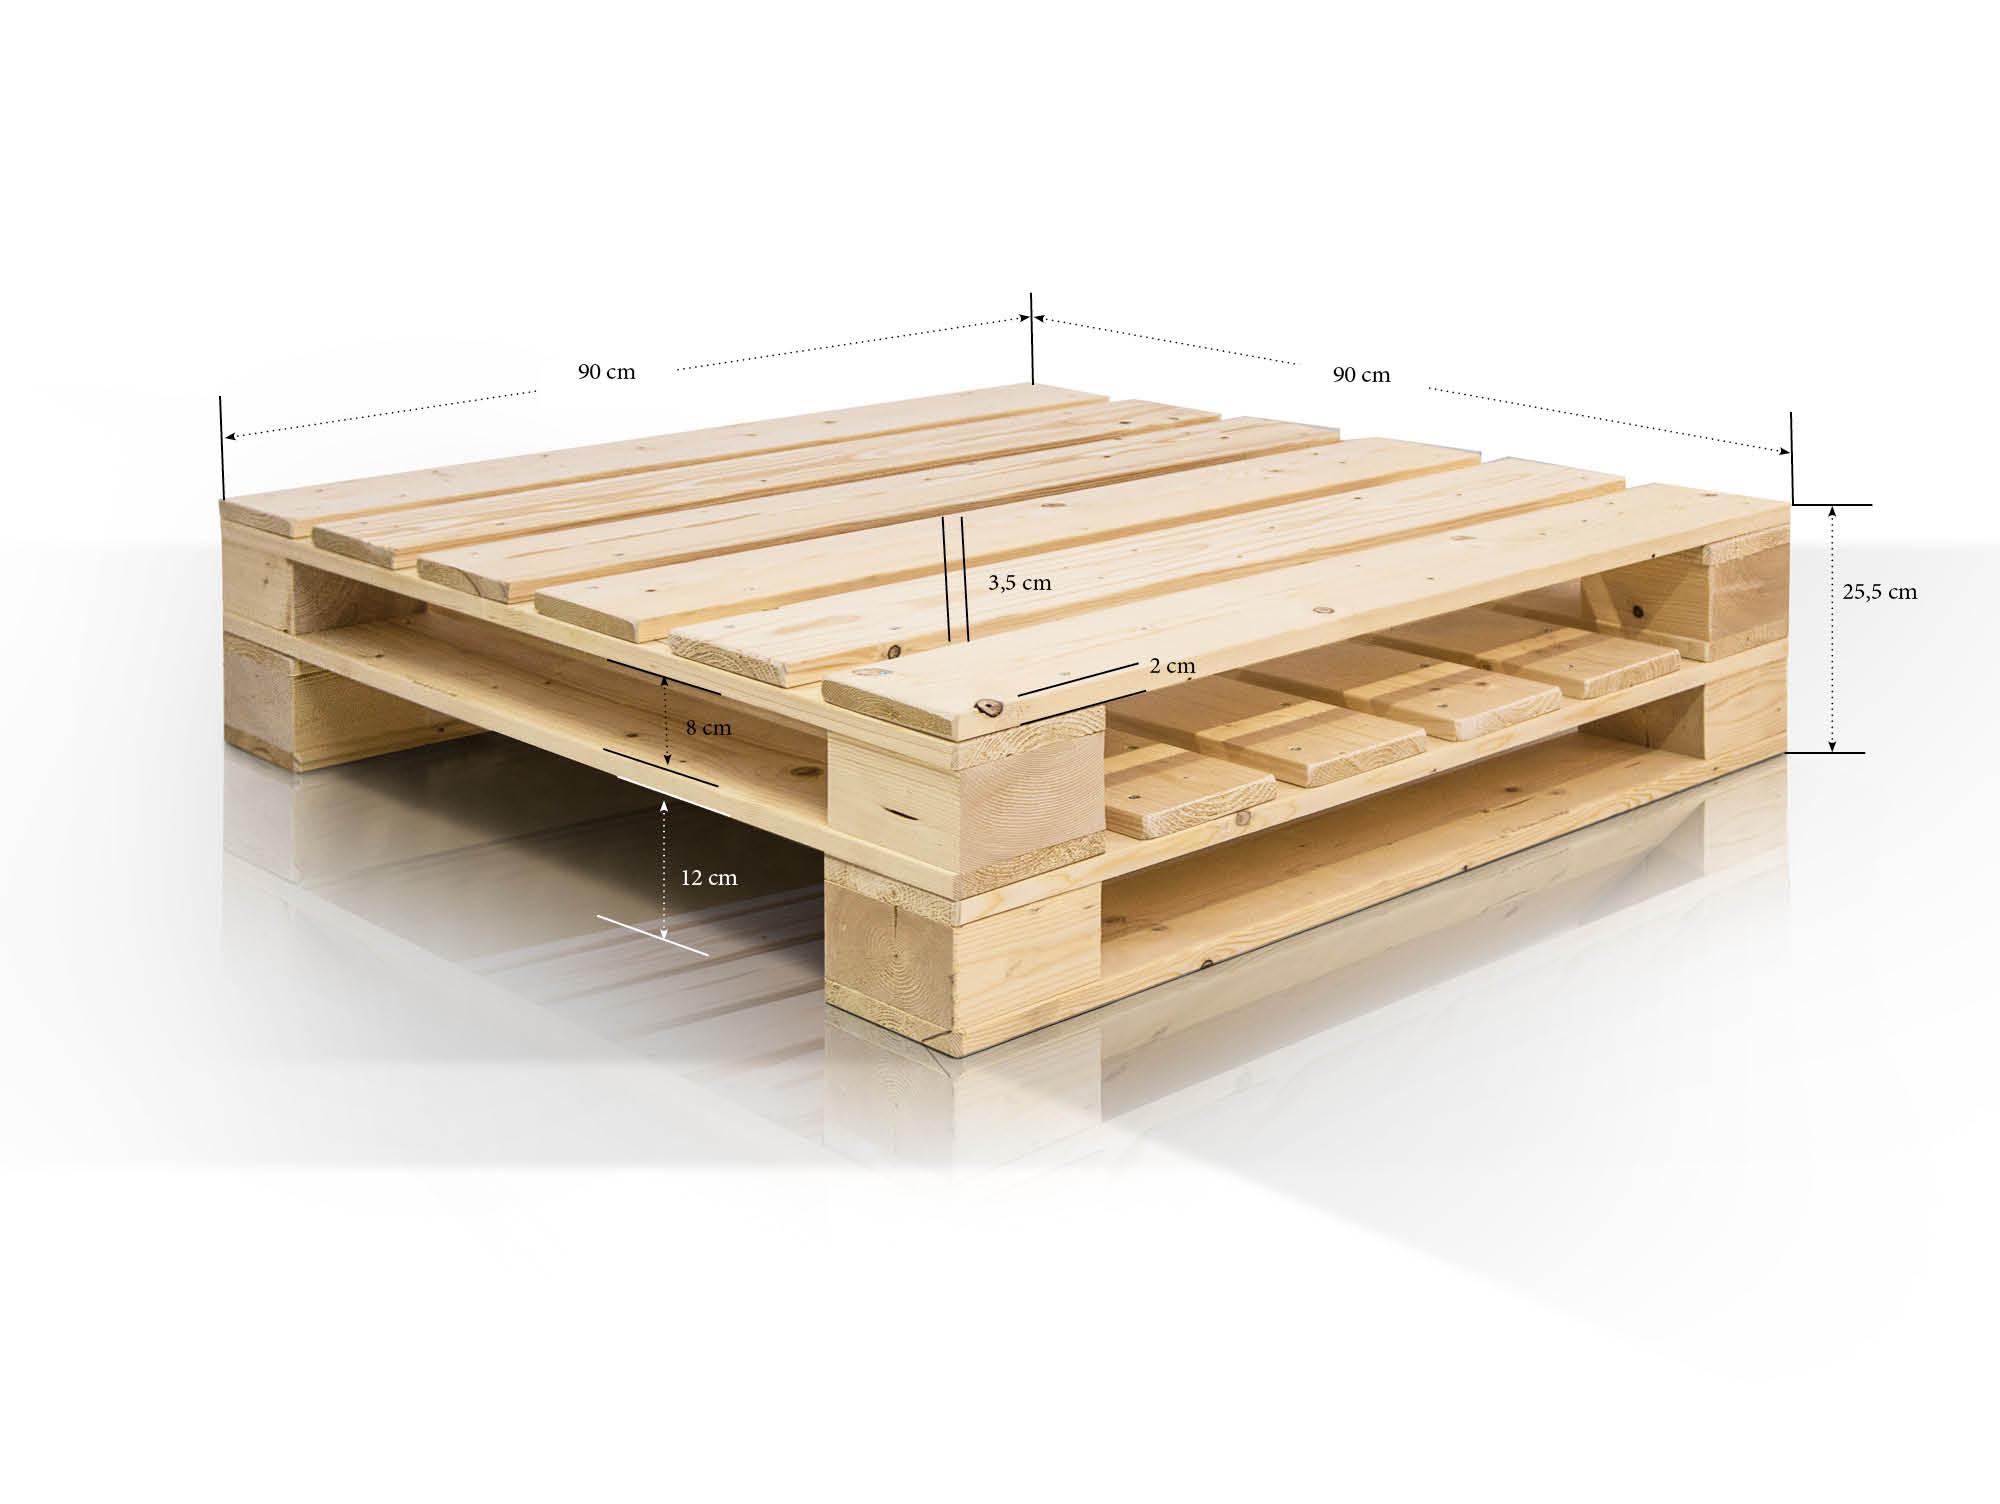 paletti couchtisch ii aus paletten 90x90 cm natur. Black Bedroom Furniture Sets. Home Design Ideas